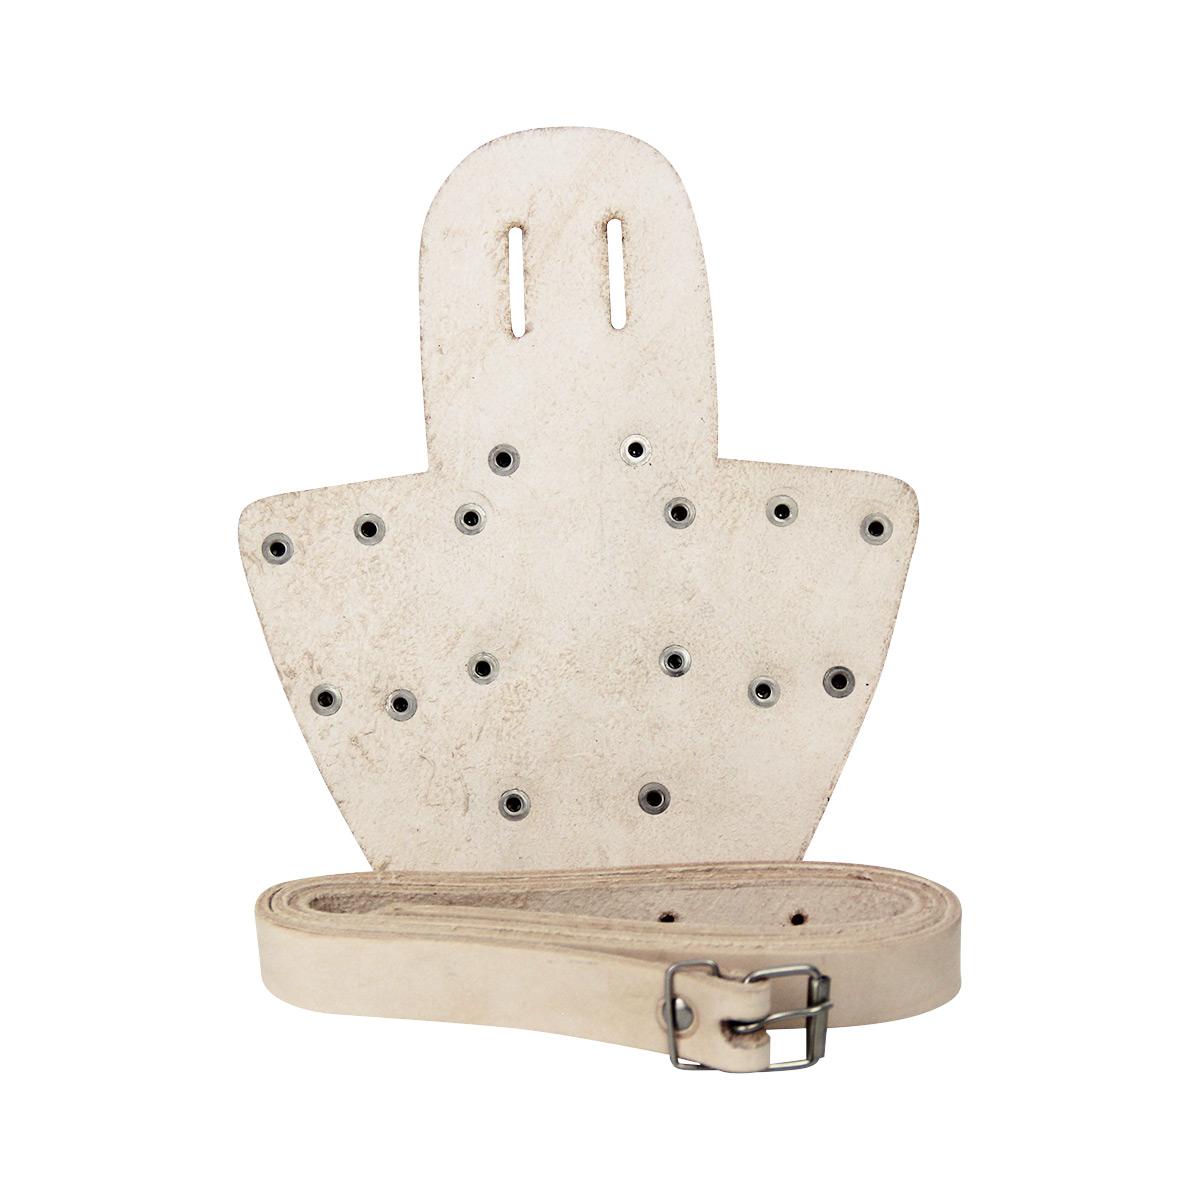 KIT Cinto Eletricista Cintura em Couro de Búfalo com Alicates Chave Teste Fenda e Philips